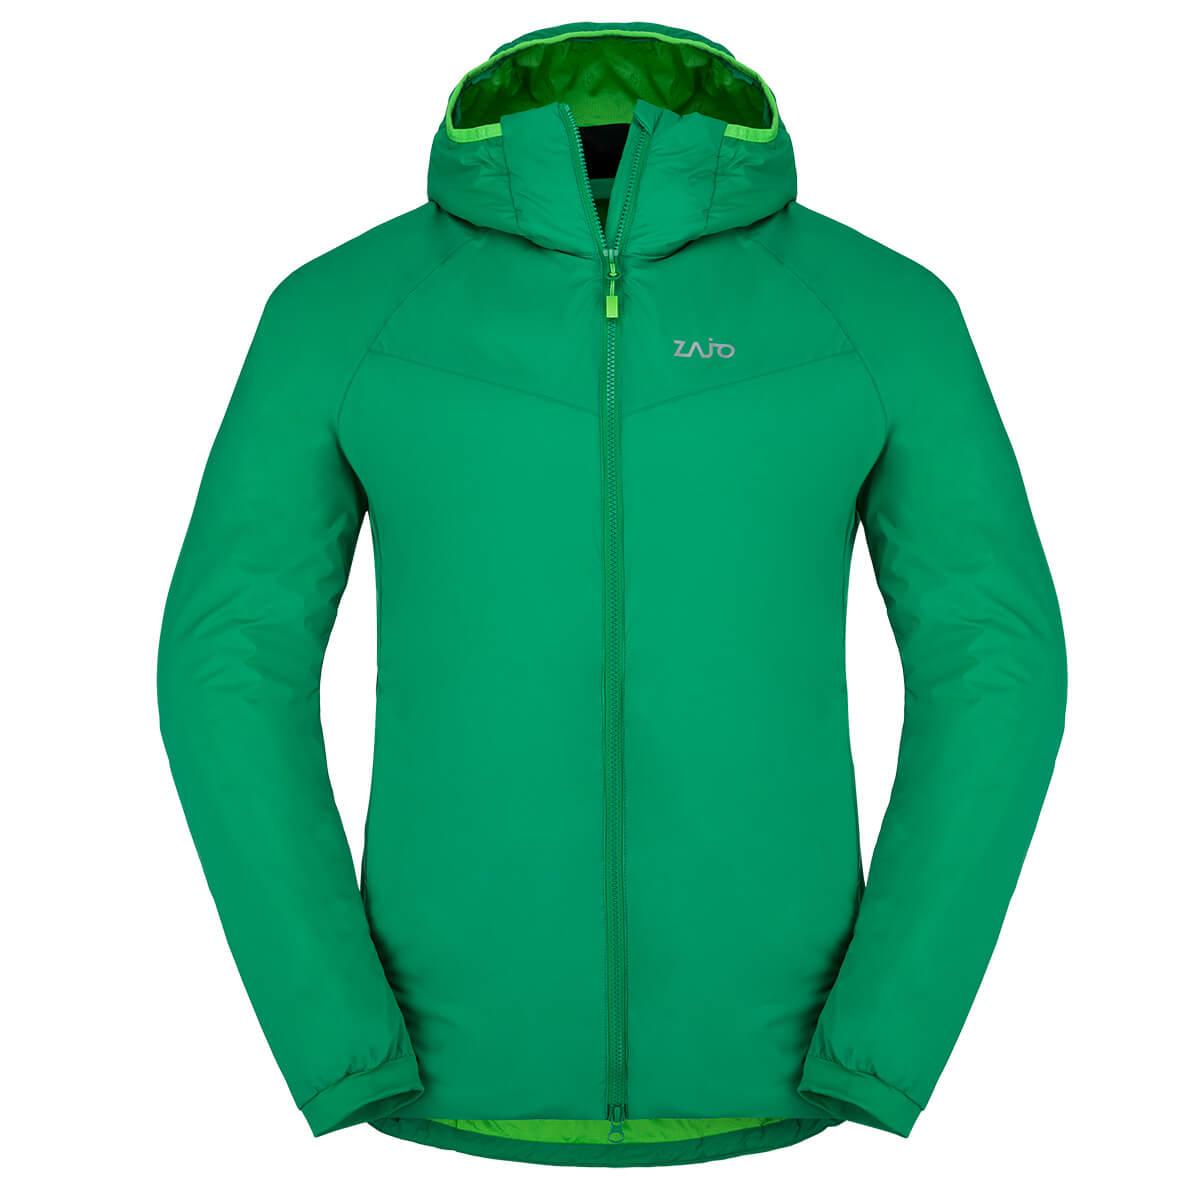 Pánska bunda Zajo Narvik JKT Golf Green - veľkosť S